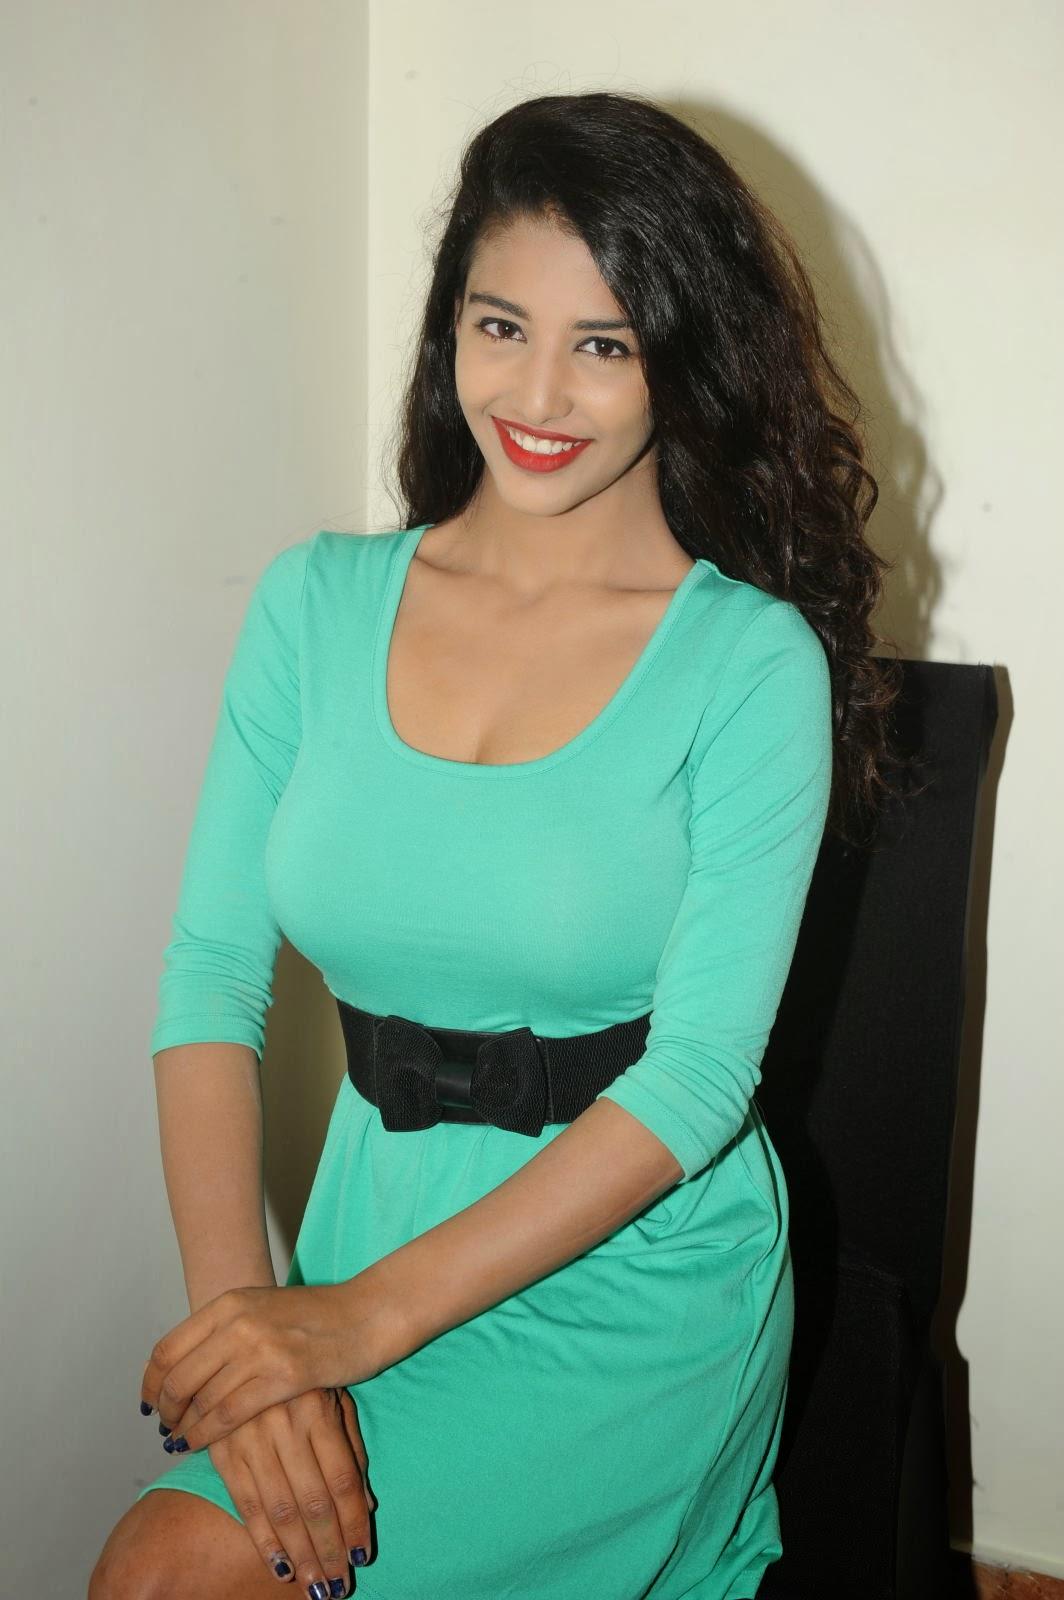 Hot stylish Daksha nagarkar in hot dress photo